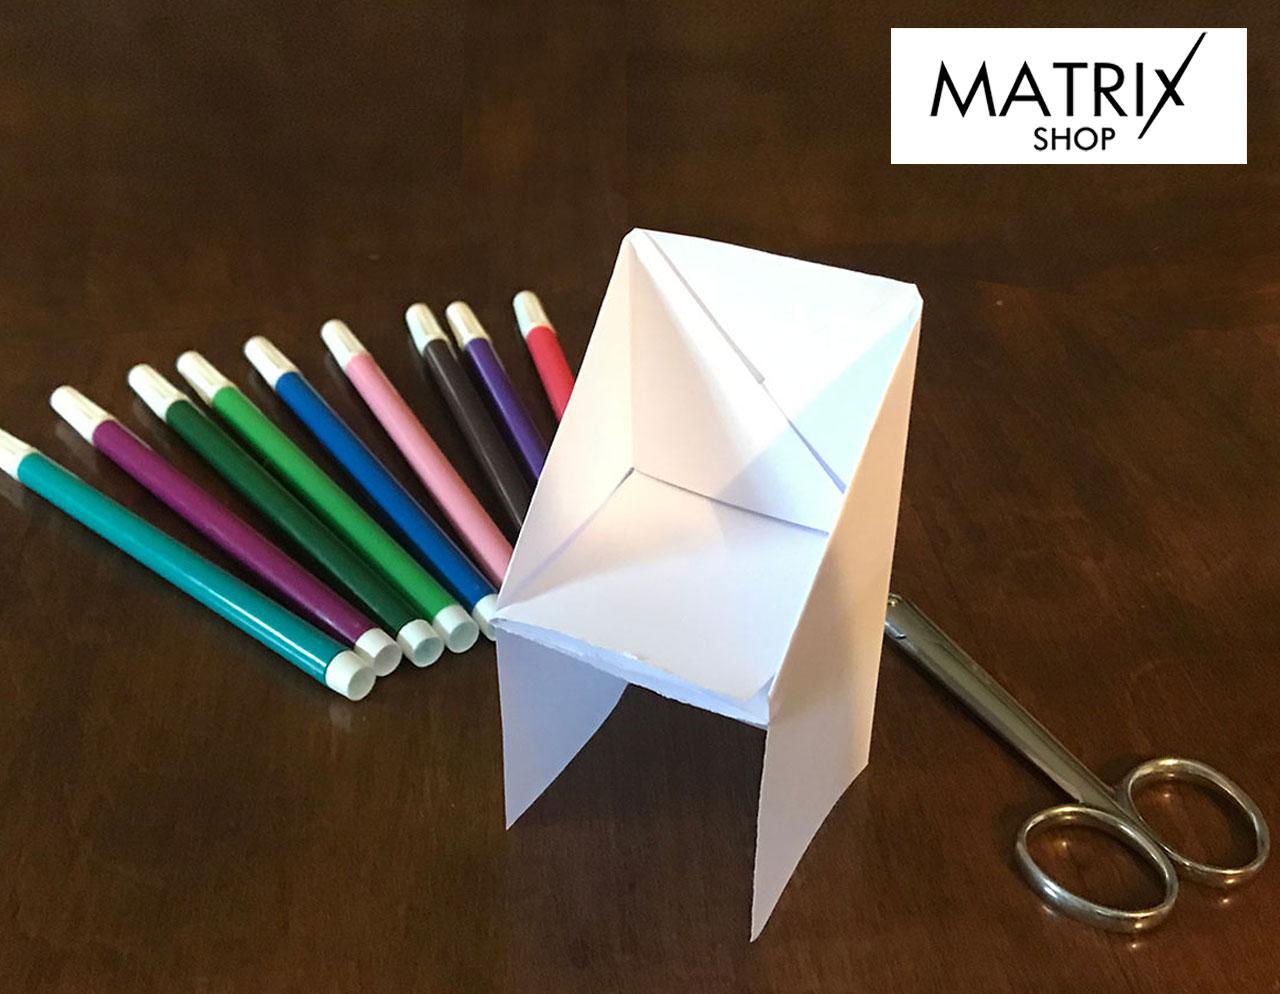 Gioca con noi - La poltroncina di carta! - Centro Commerciale Matrix Shop